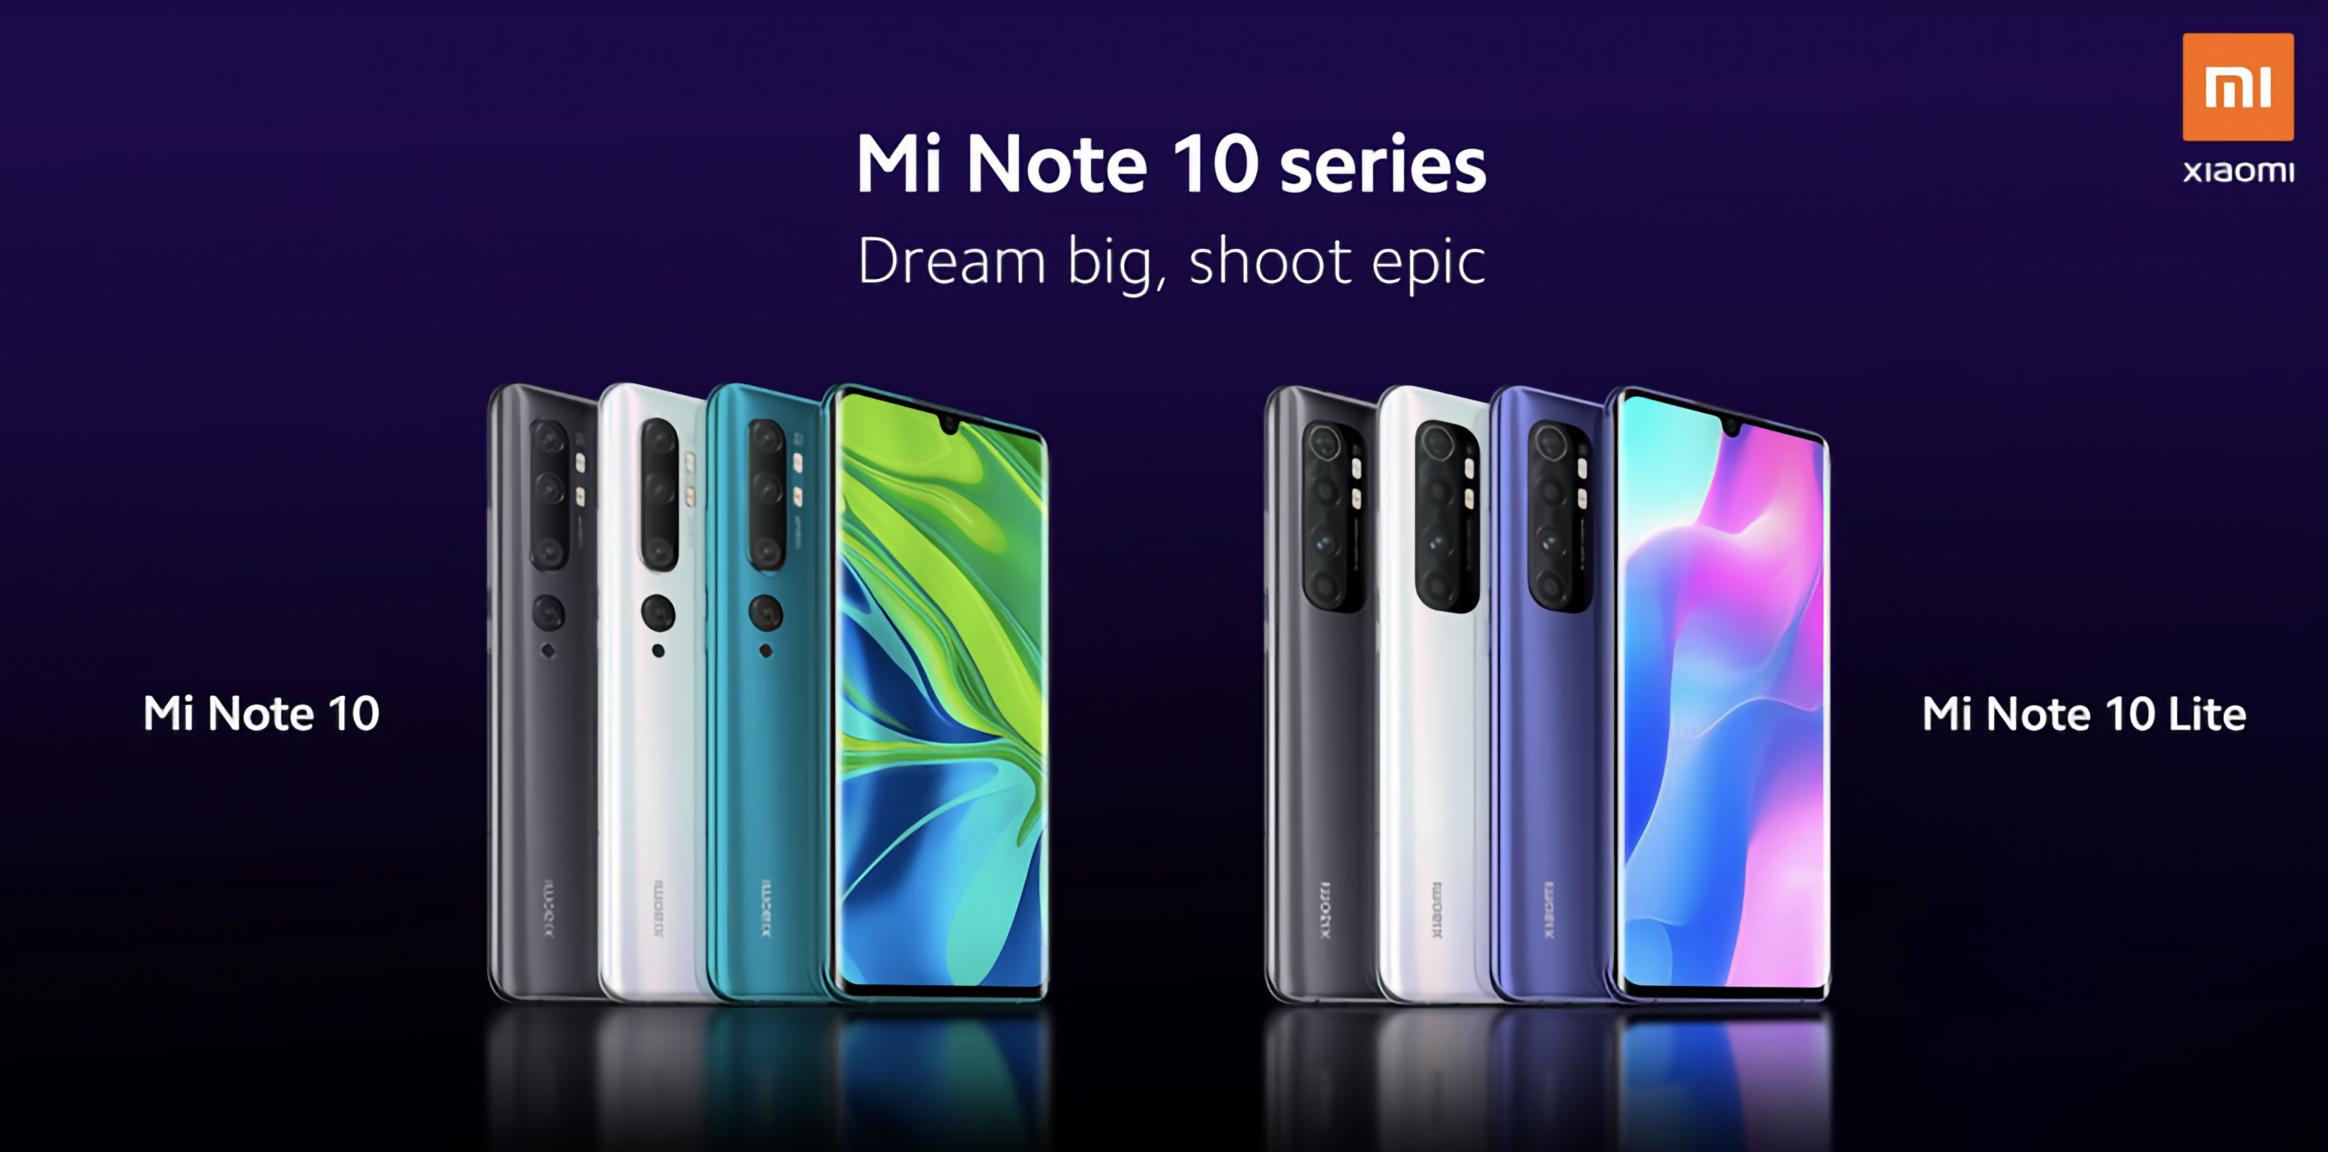 Xiaomi nos muestra oficialmente su nuevo Mi Note 10 Lite que será presentado mañana 30 de abril. Noticias Xiaomi Adictos